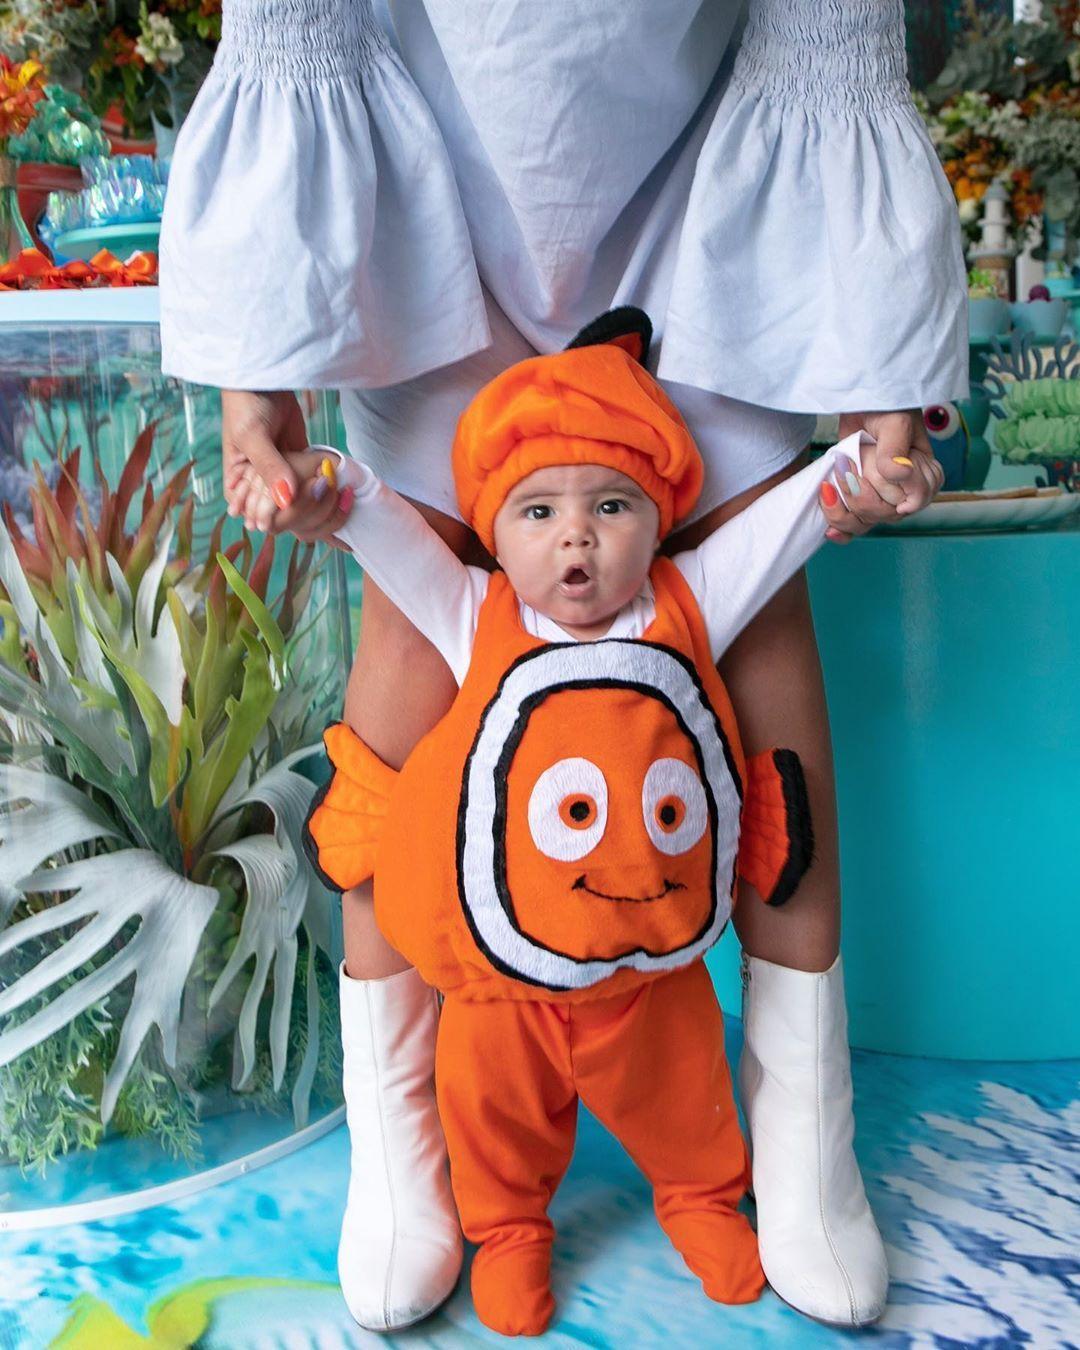 Oi Eu Sou O Nemo Babyzion 4 Meses Do Meu Neneeeeim Obrigada Tia